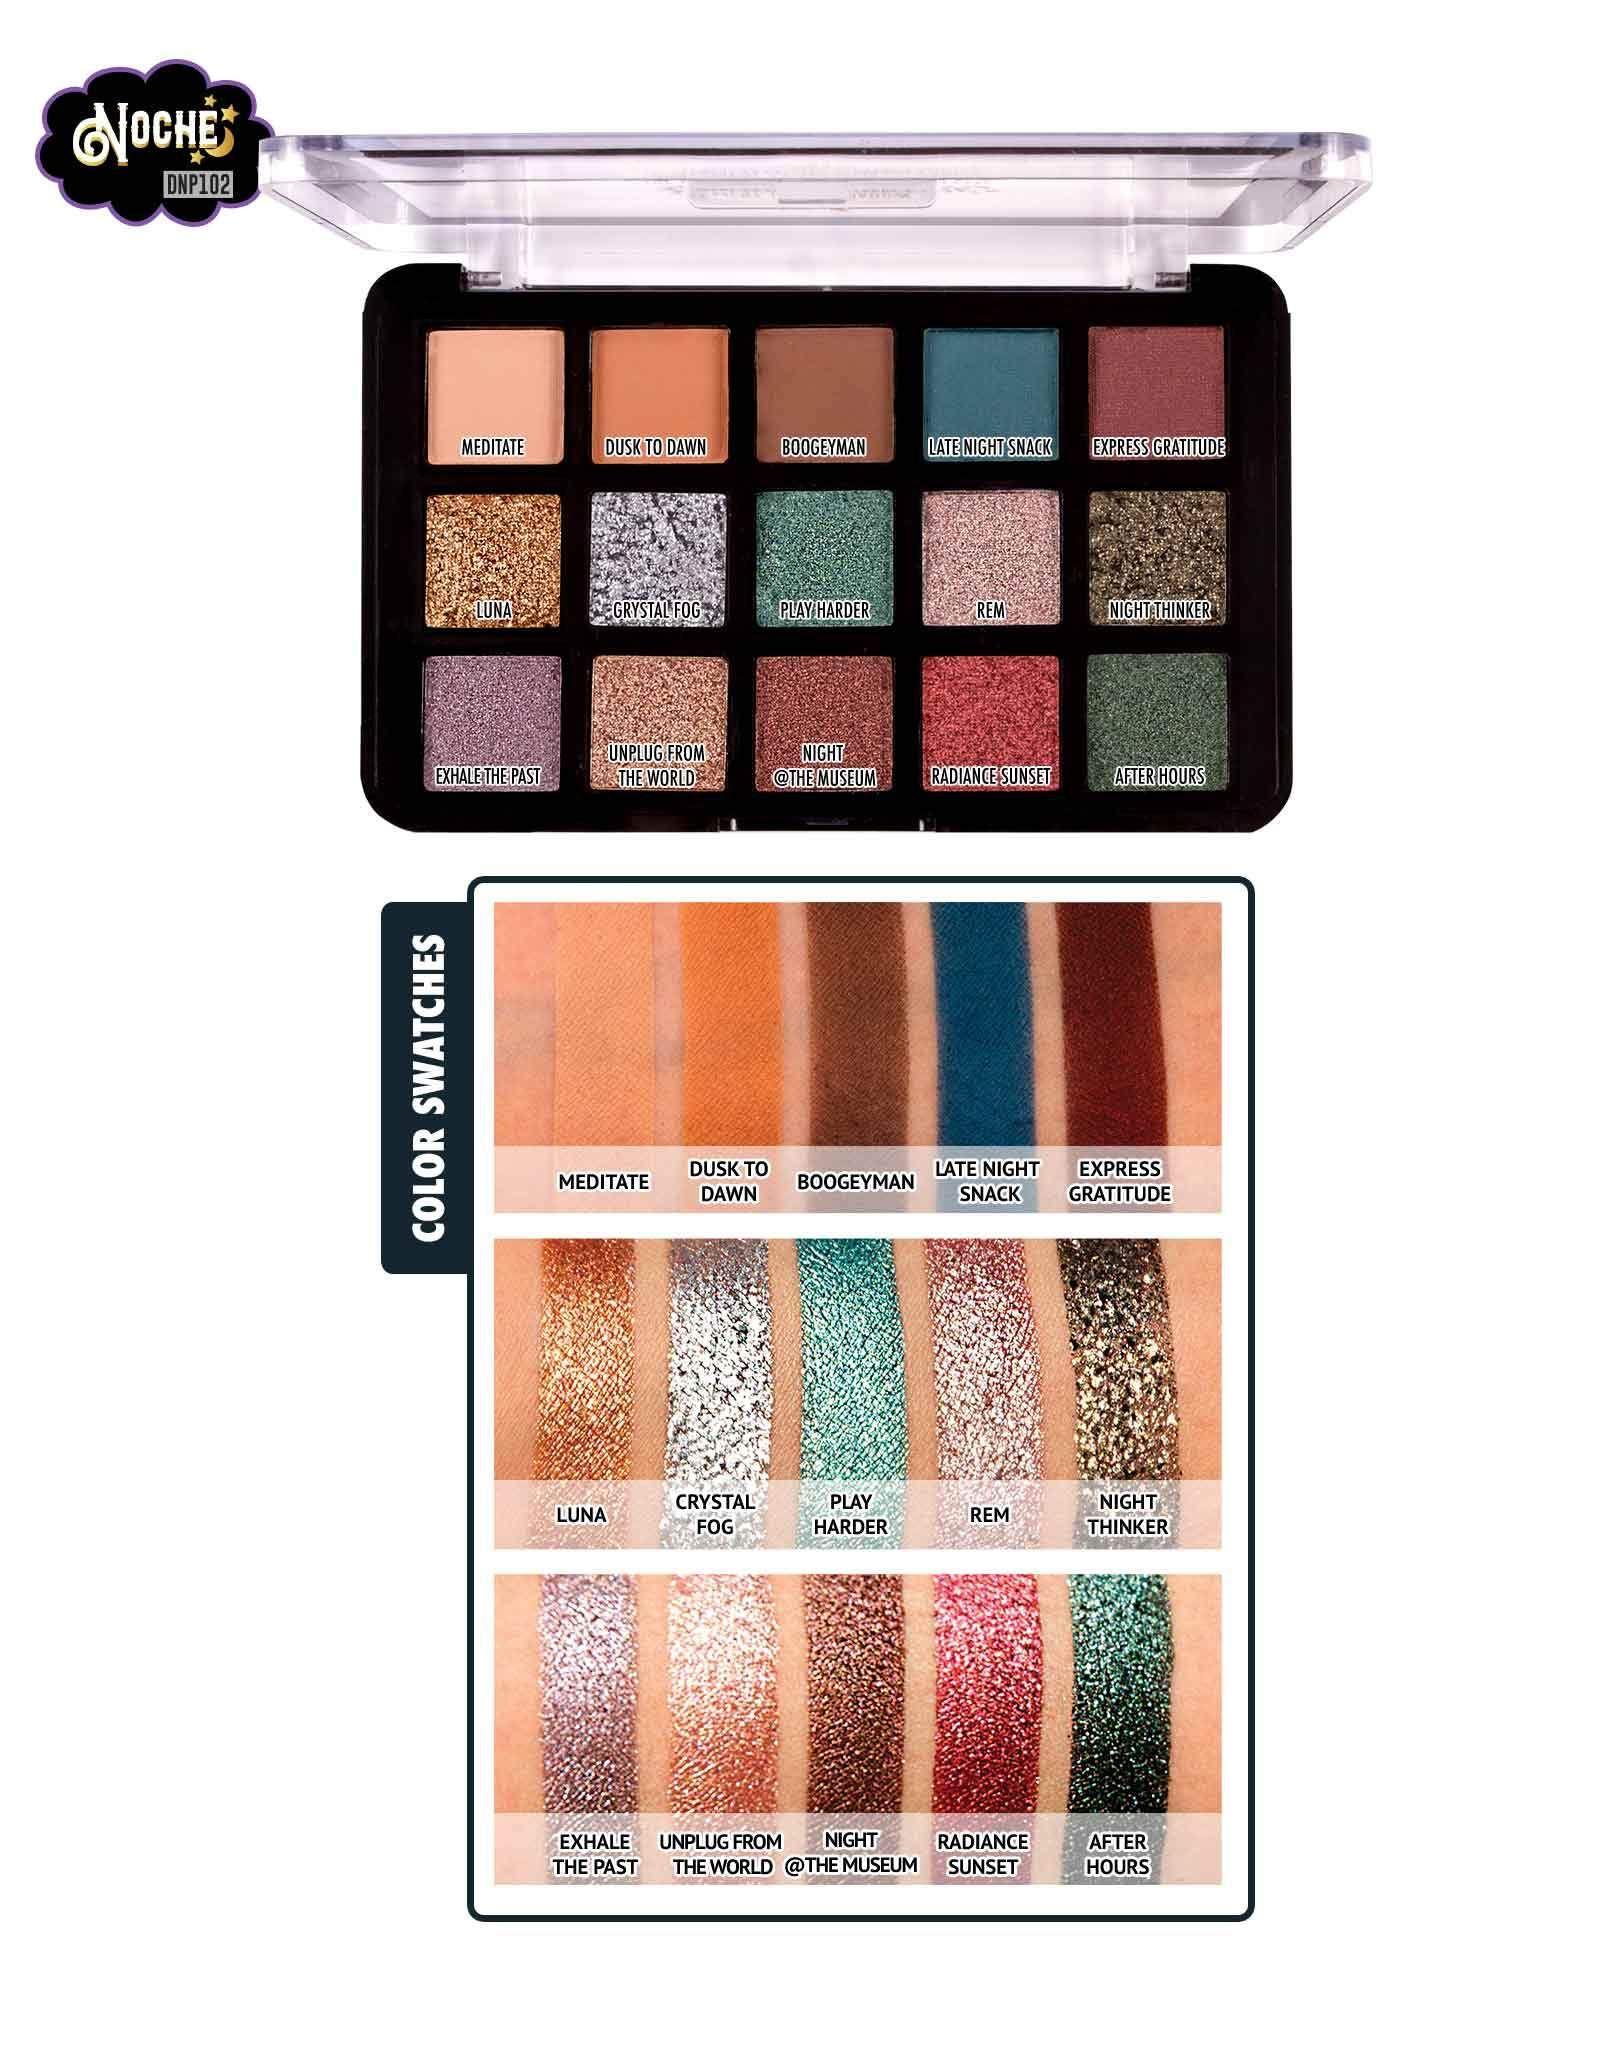 Dia&Noche TriElement 15 Eyeshadow Palette in 2020